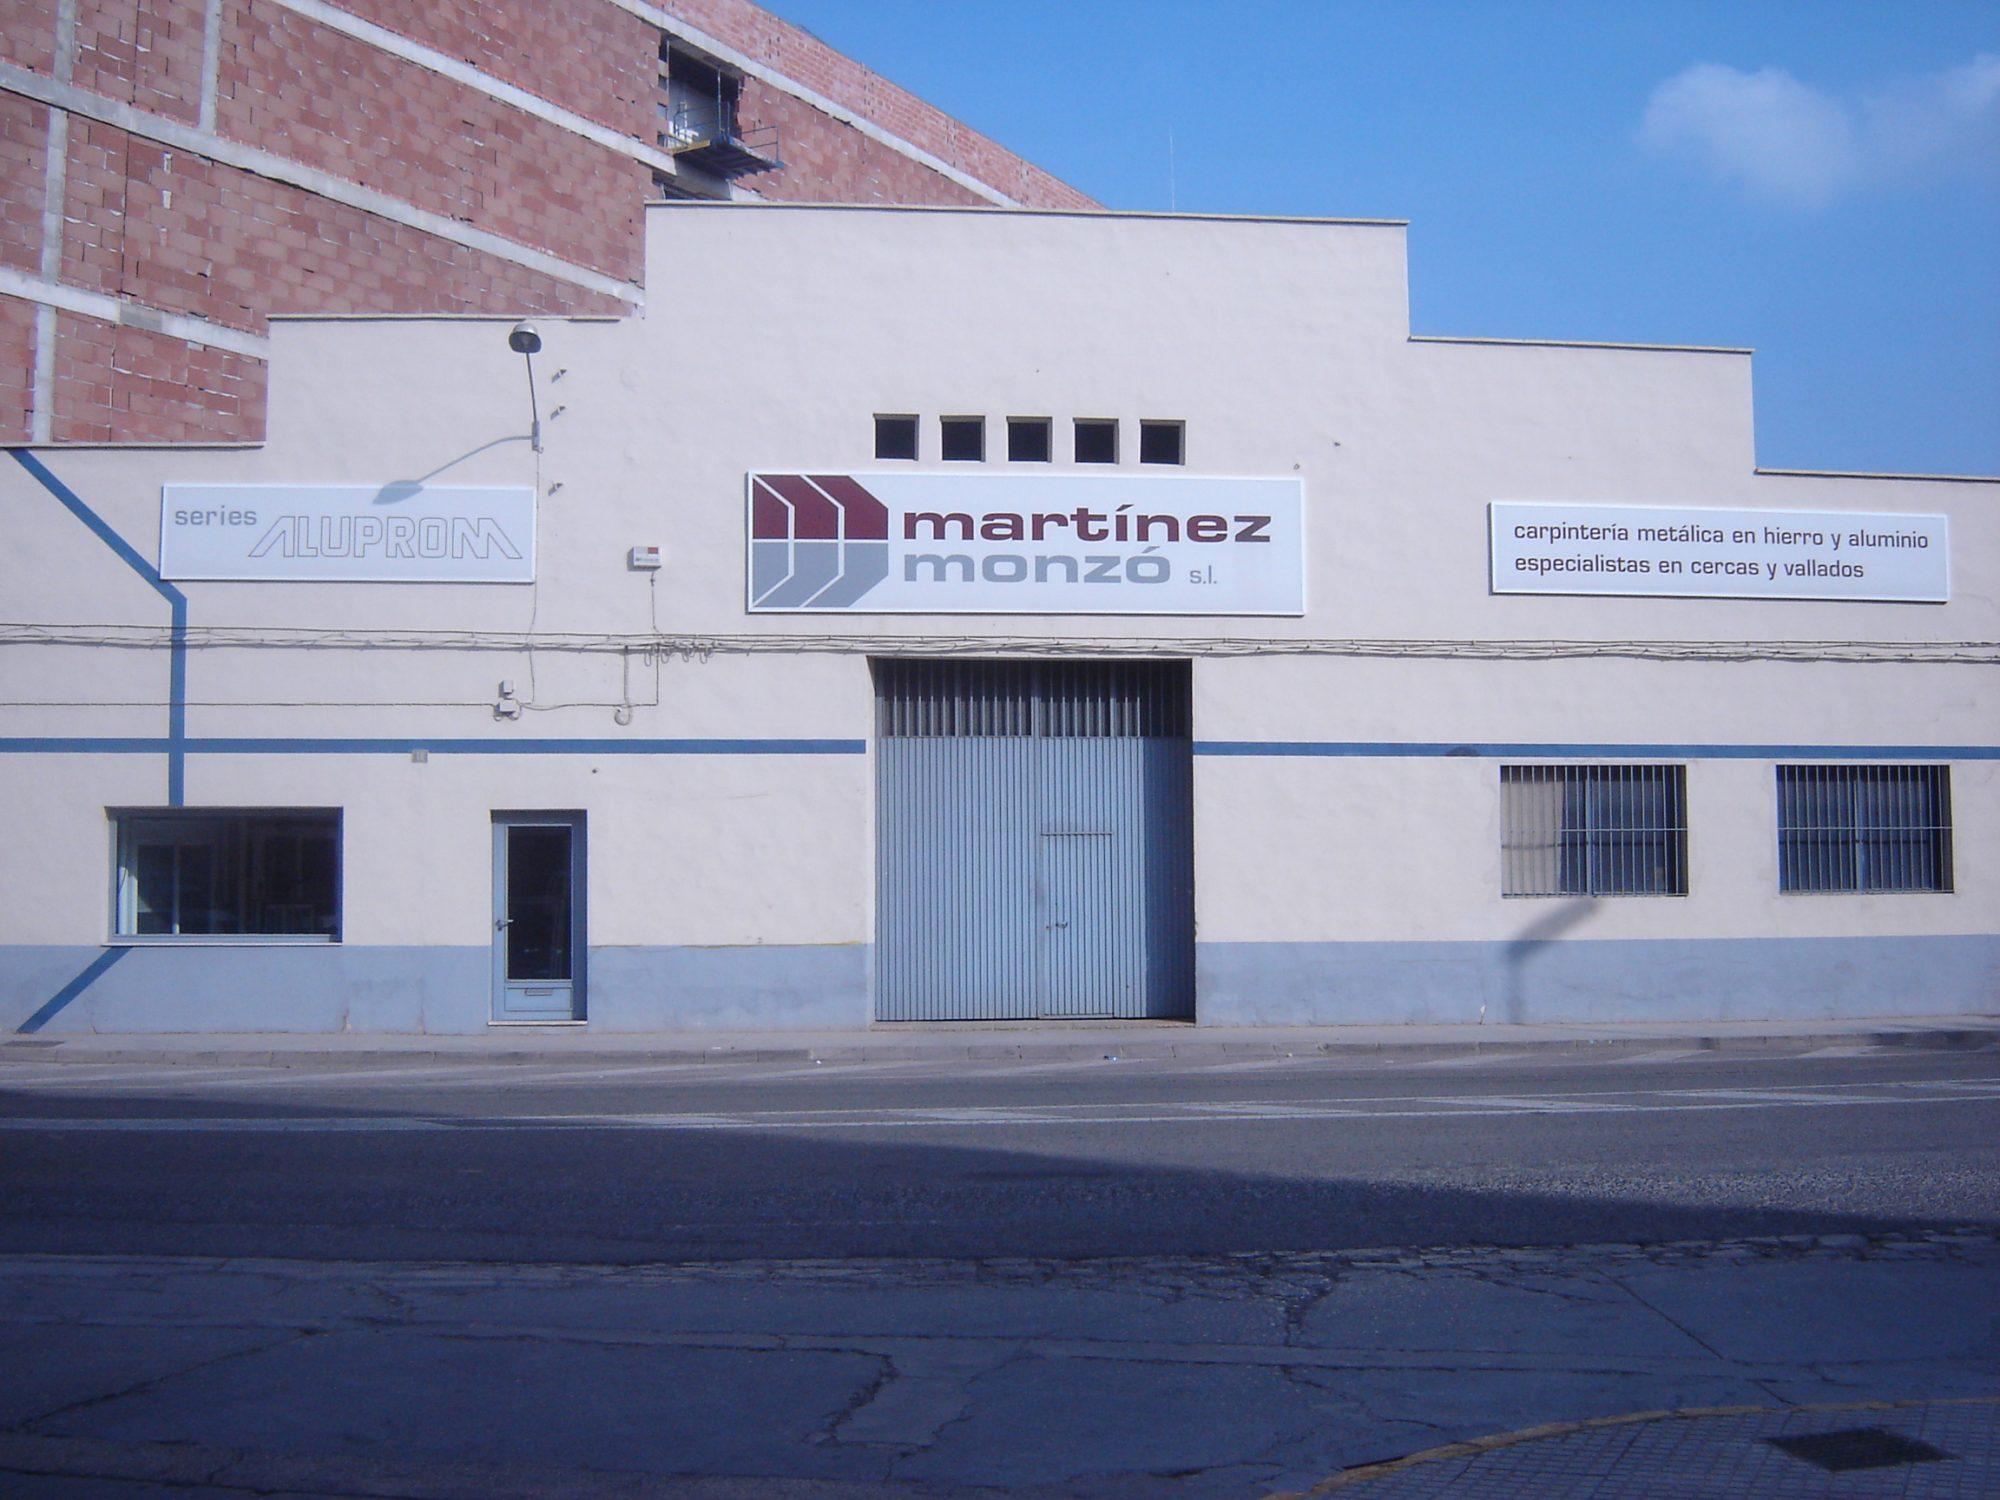 MartinezMonzo.com